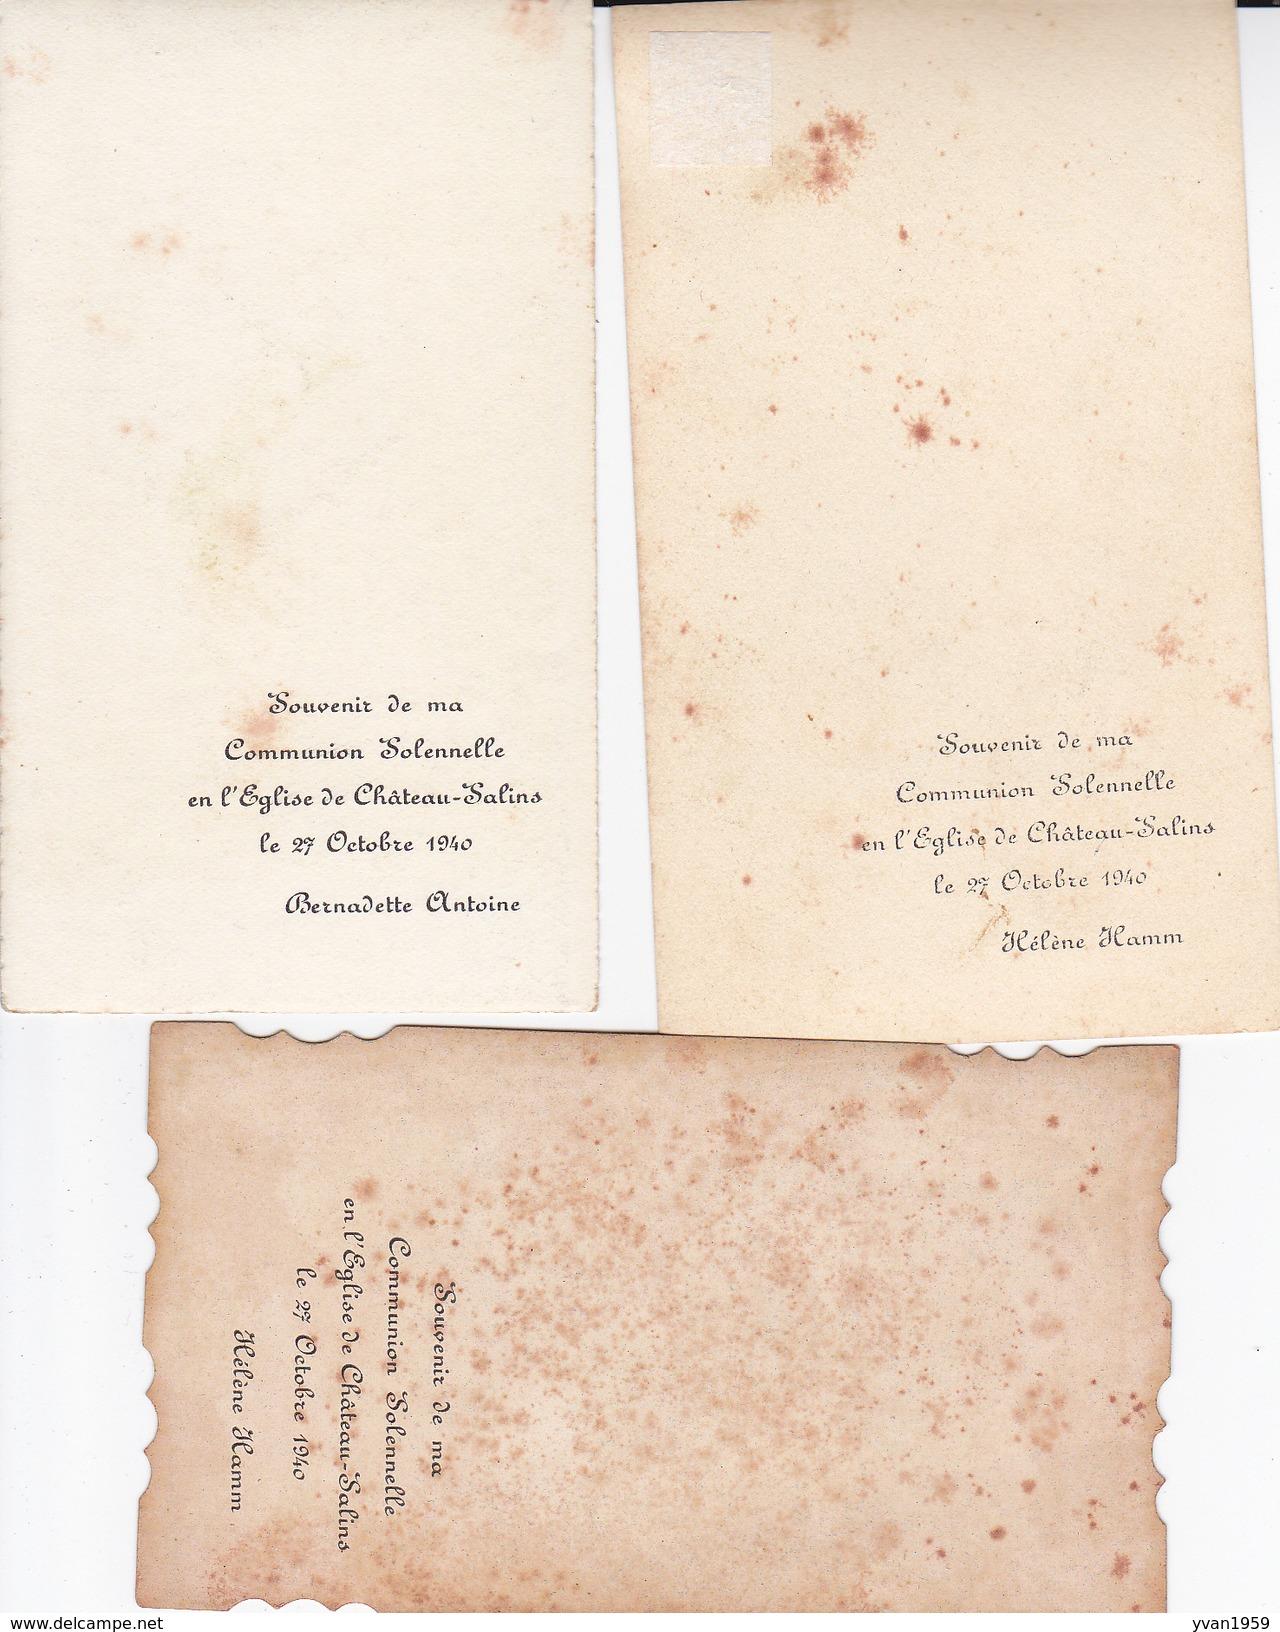 CHATEAU-SALINS..3 CARTES.6X10 CM1940 - Communion